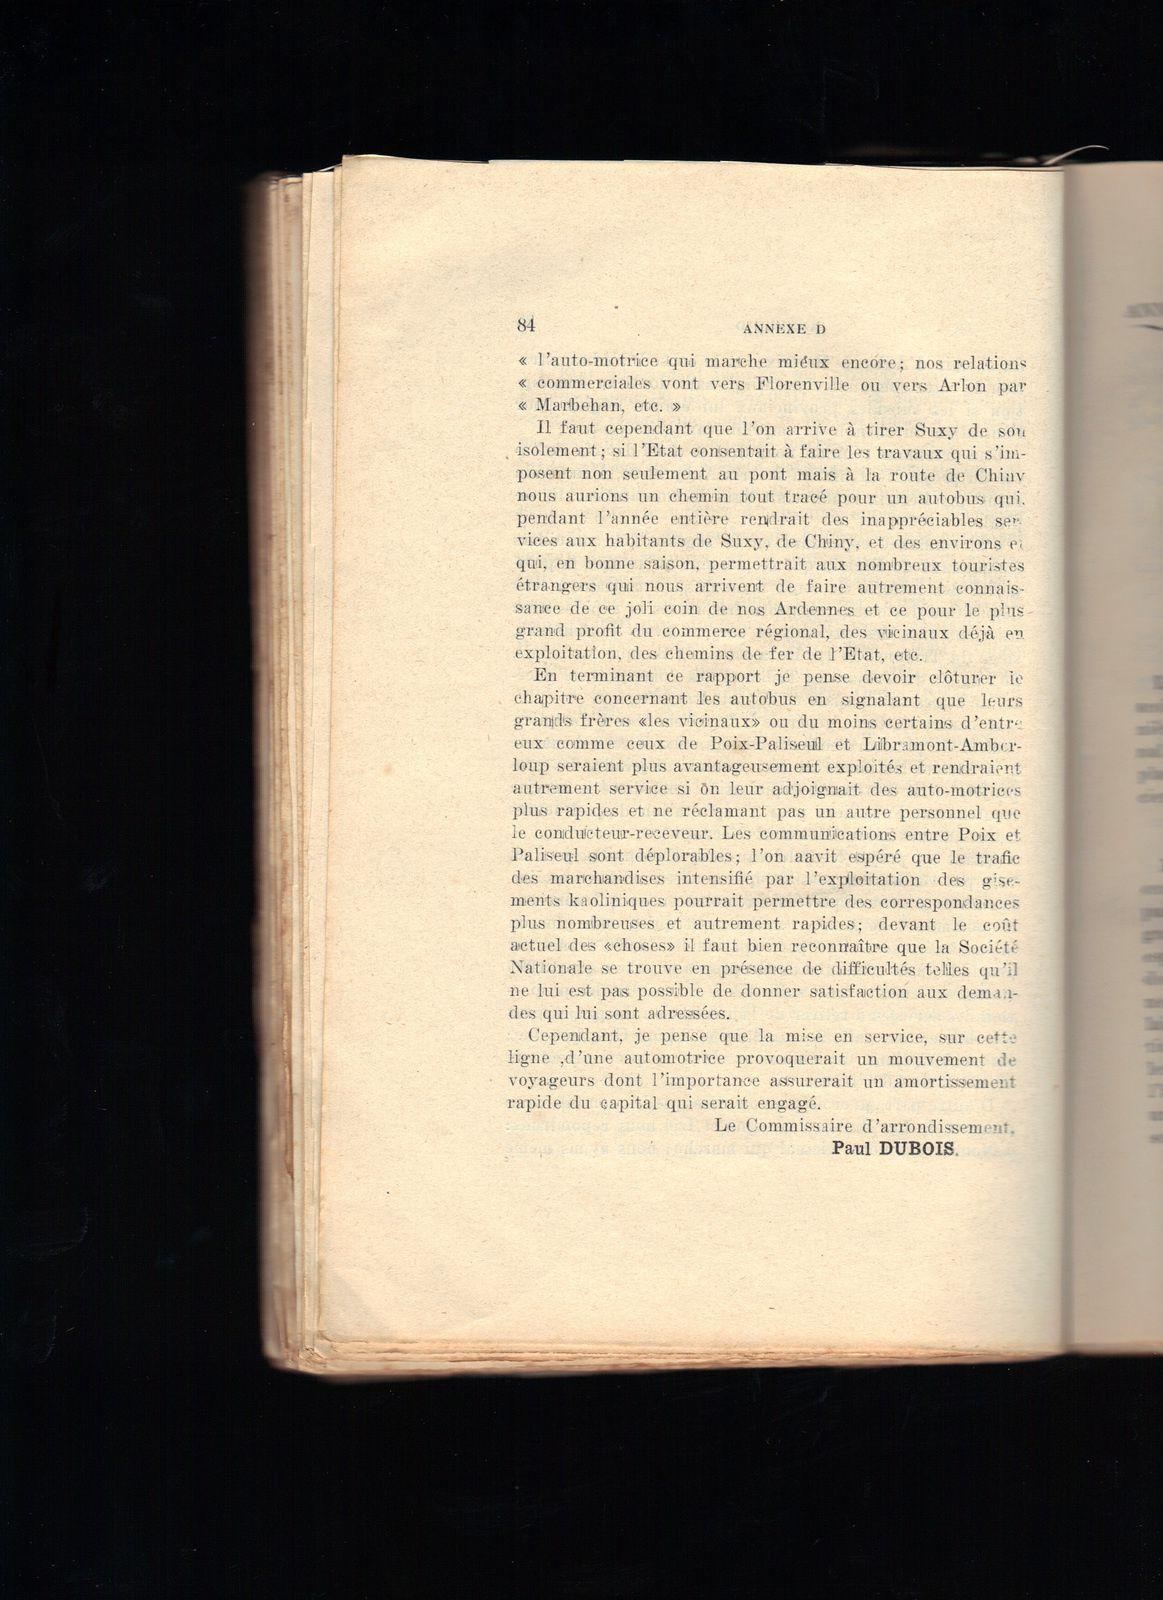 RAPPORT sur la situation administrative de l'arrondissement de Neufchâteau en 1925